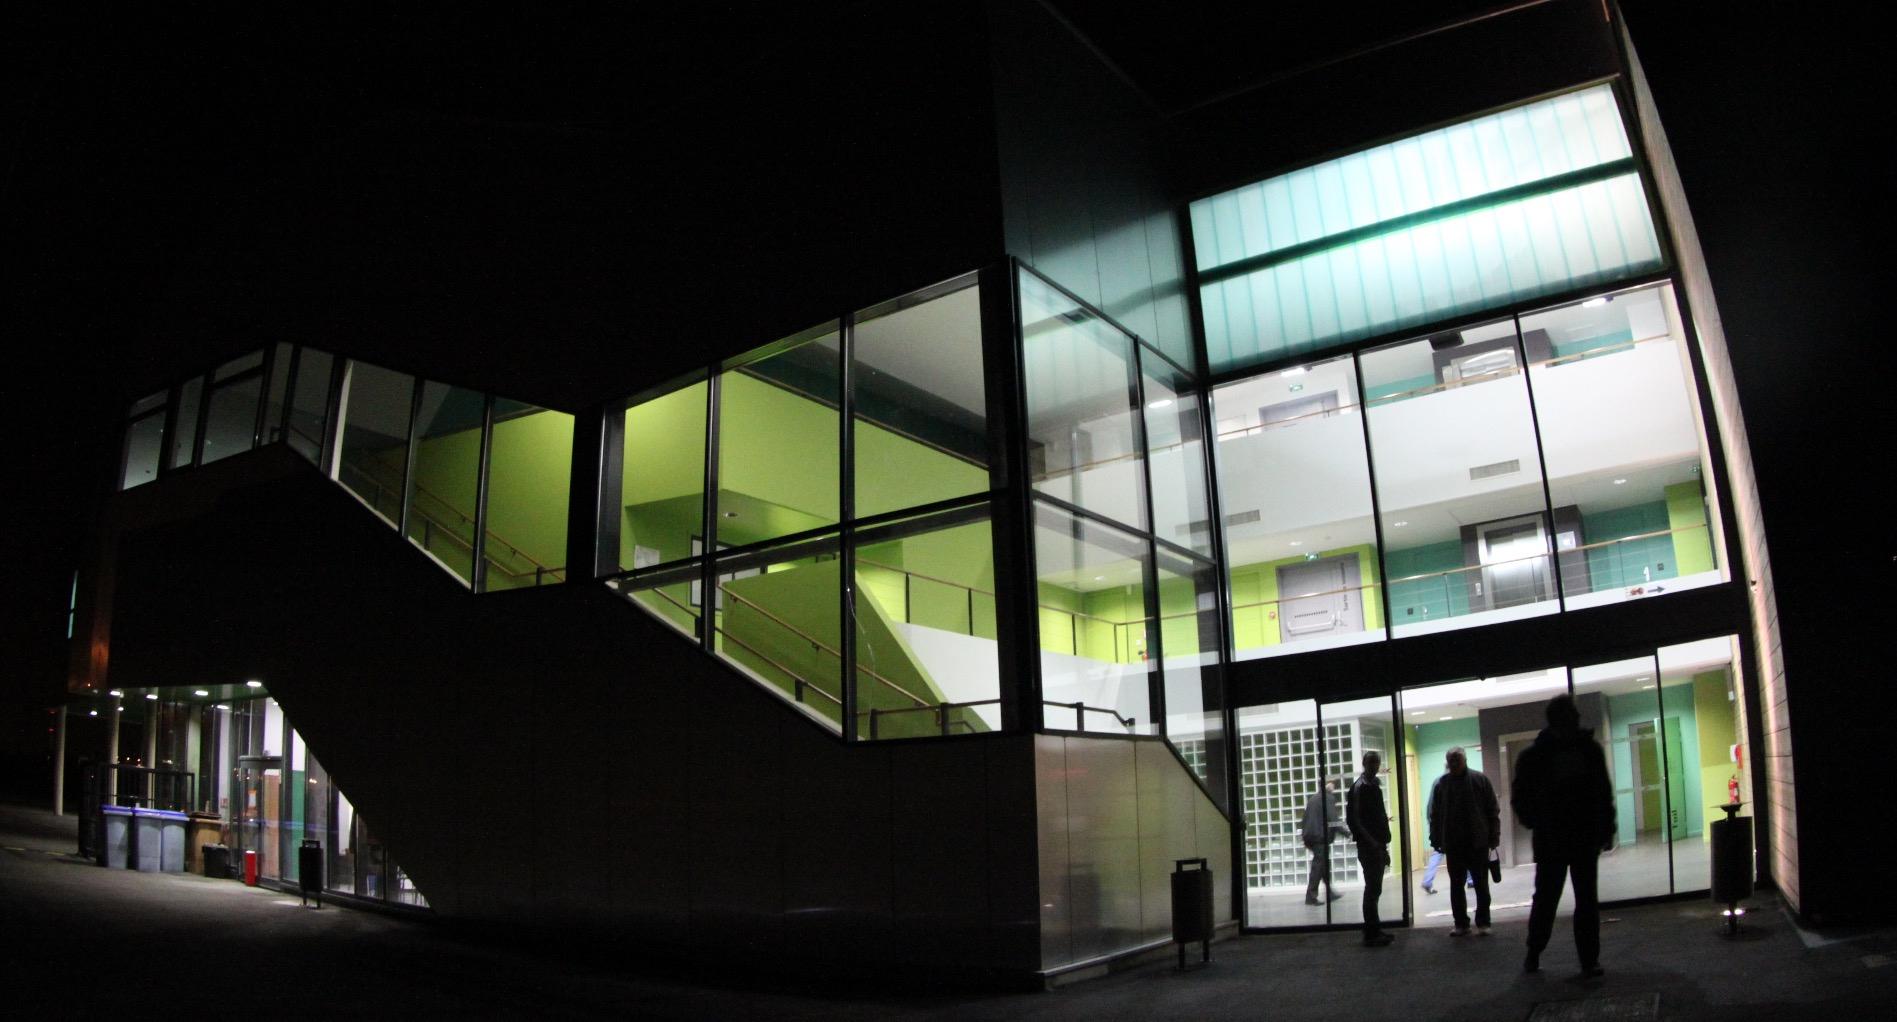 Horaires Et Tarifs De La Piscine Leo Lagrange – Mairie De ... intérieur Piscine Léo Lagrange Grande Synthe